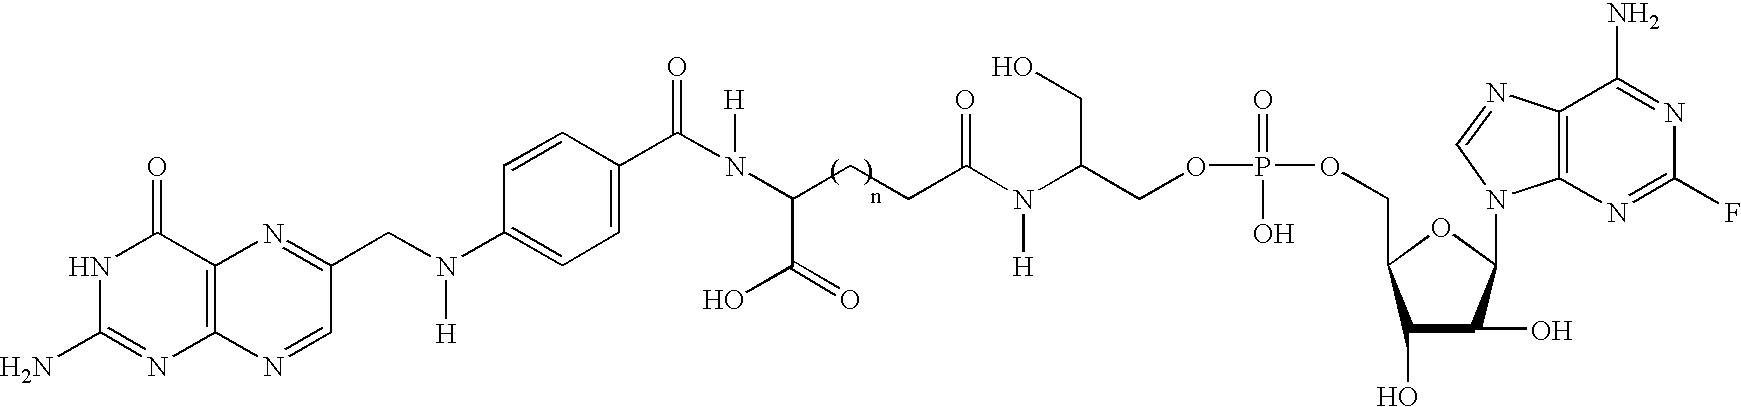 Figure US20030104985A1-20030605-C00025